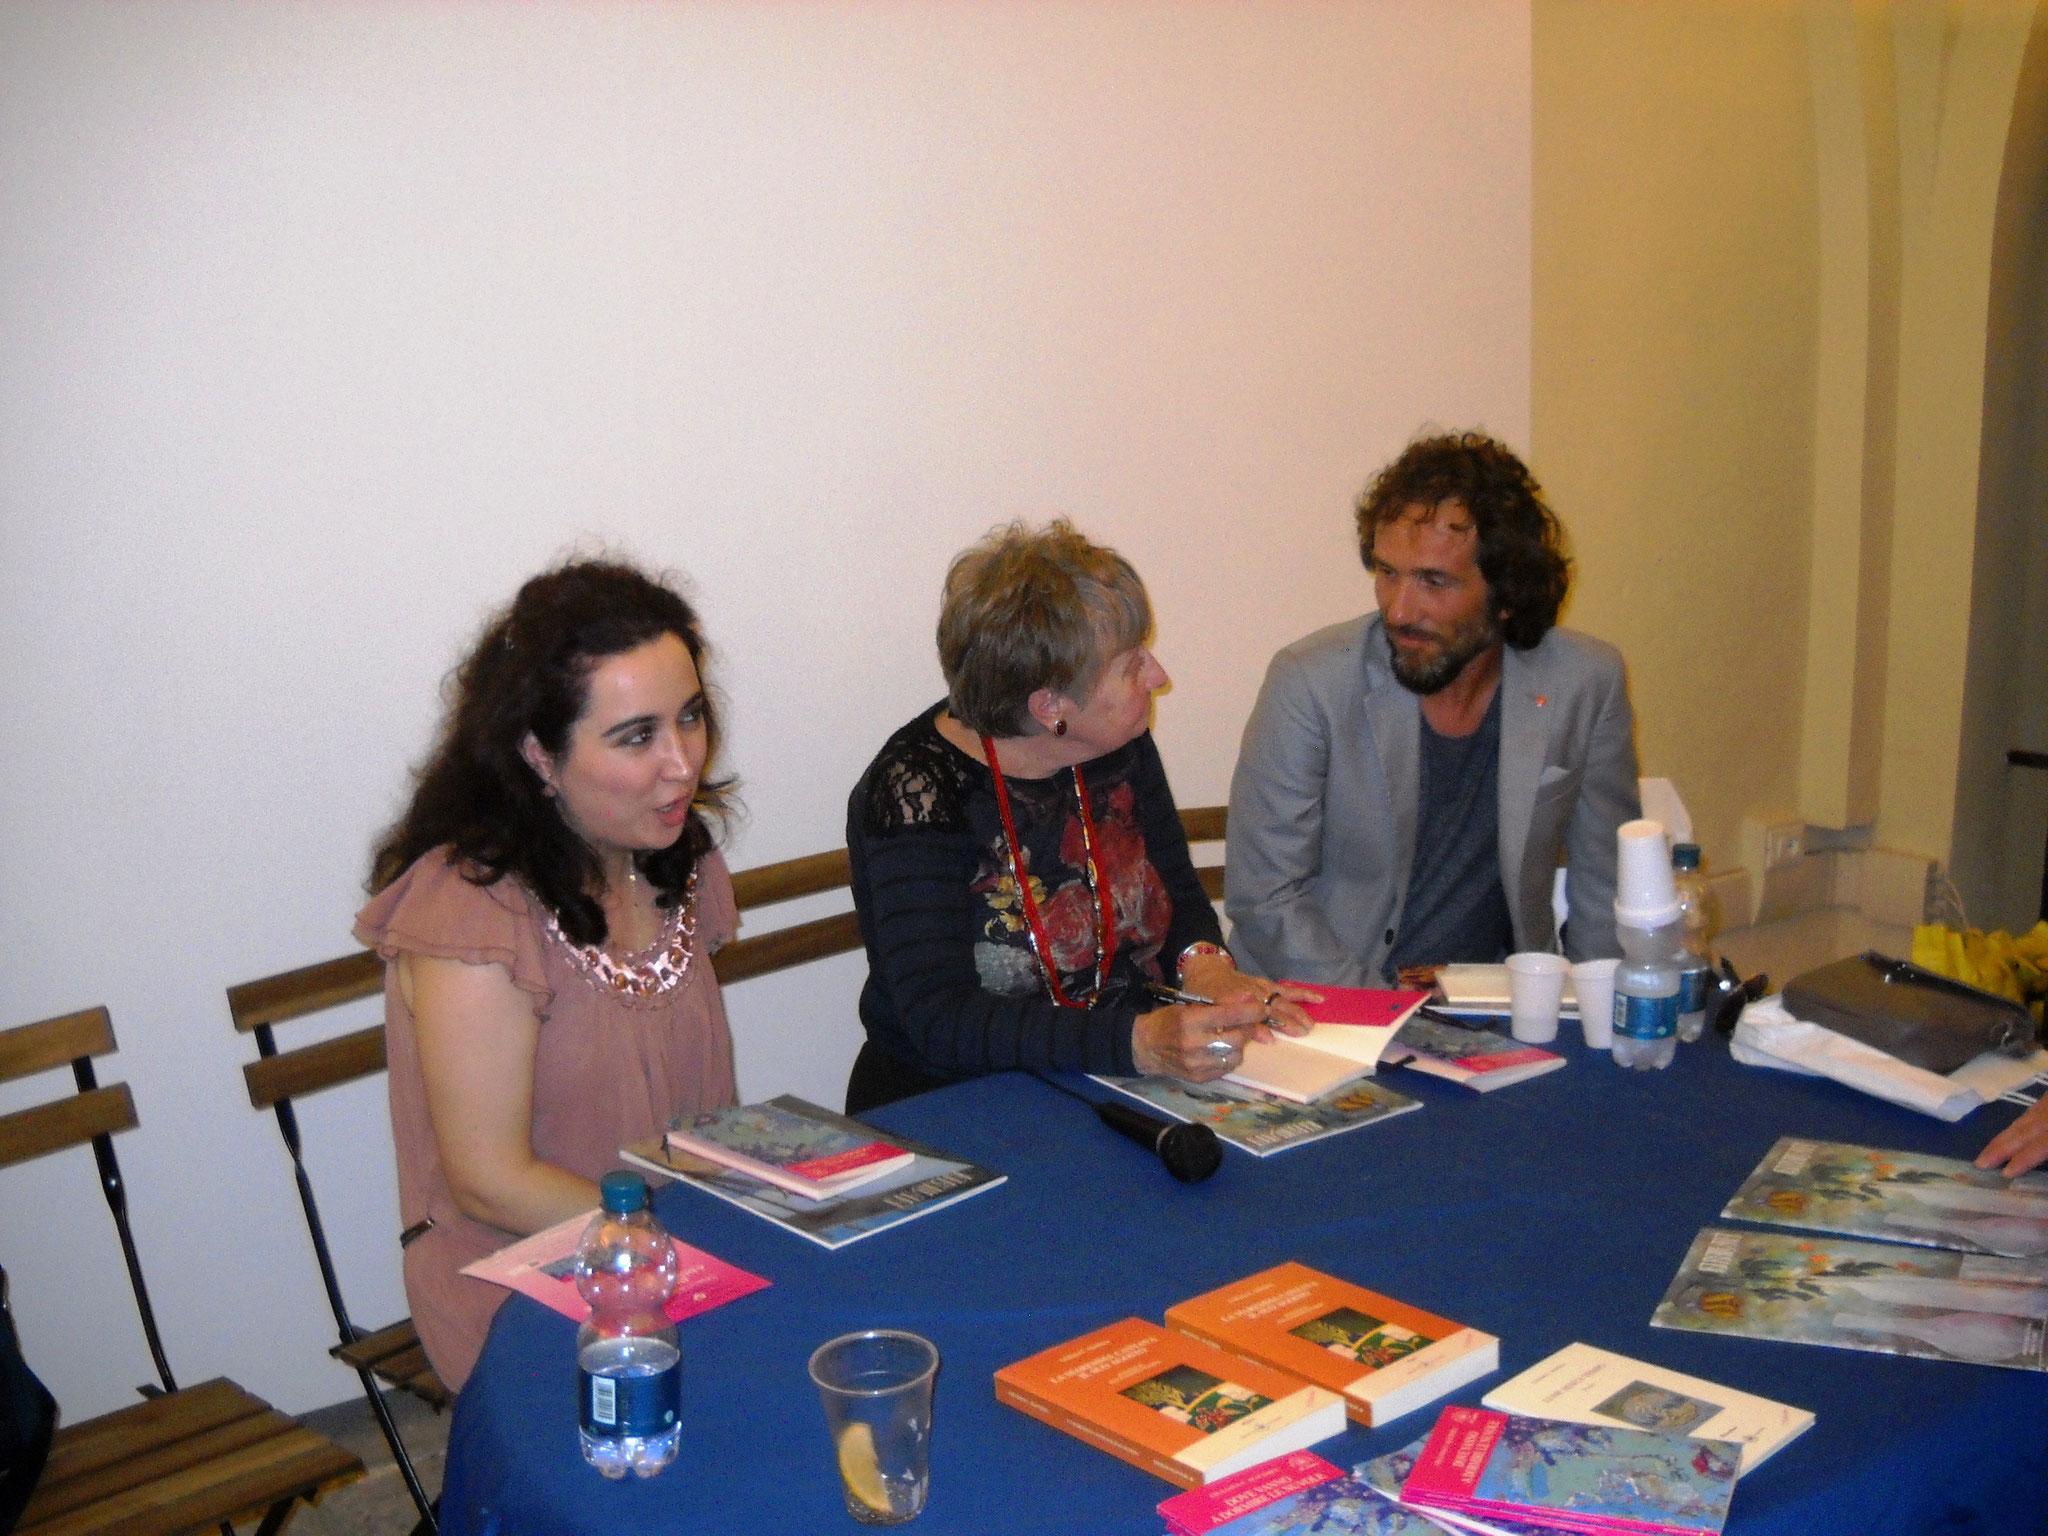 Conclusione della serata e alcuni confronti fra l'autrice e collaboratori dell'evento